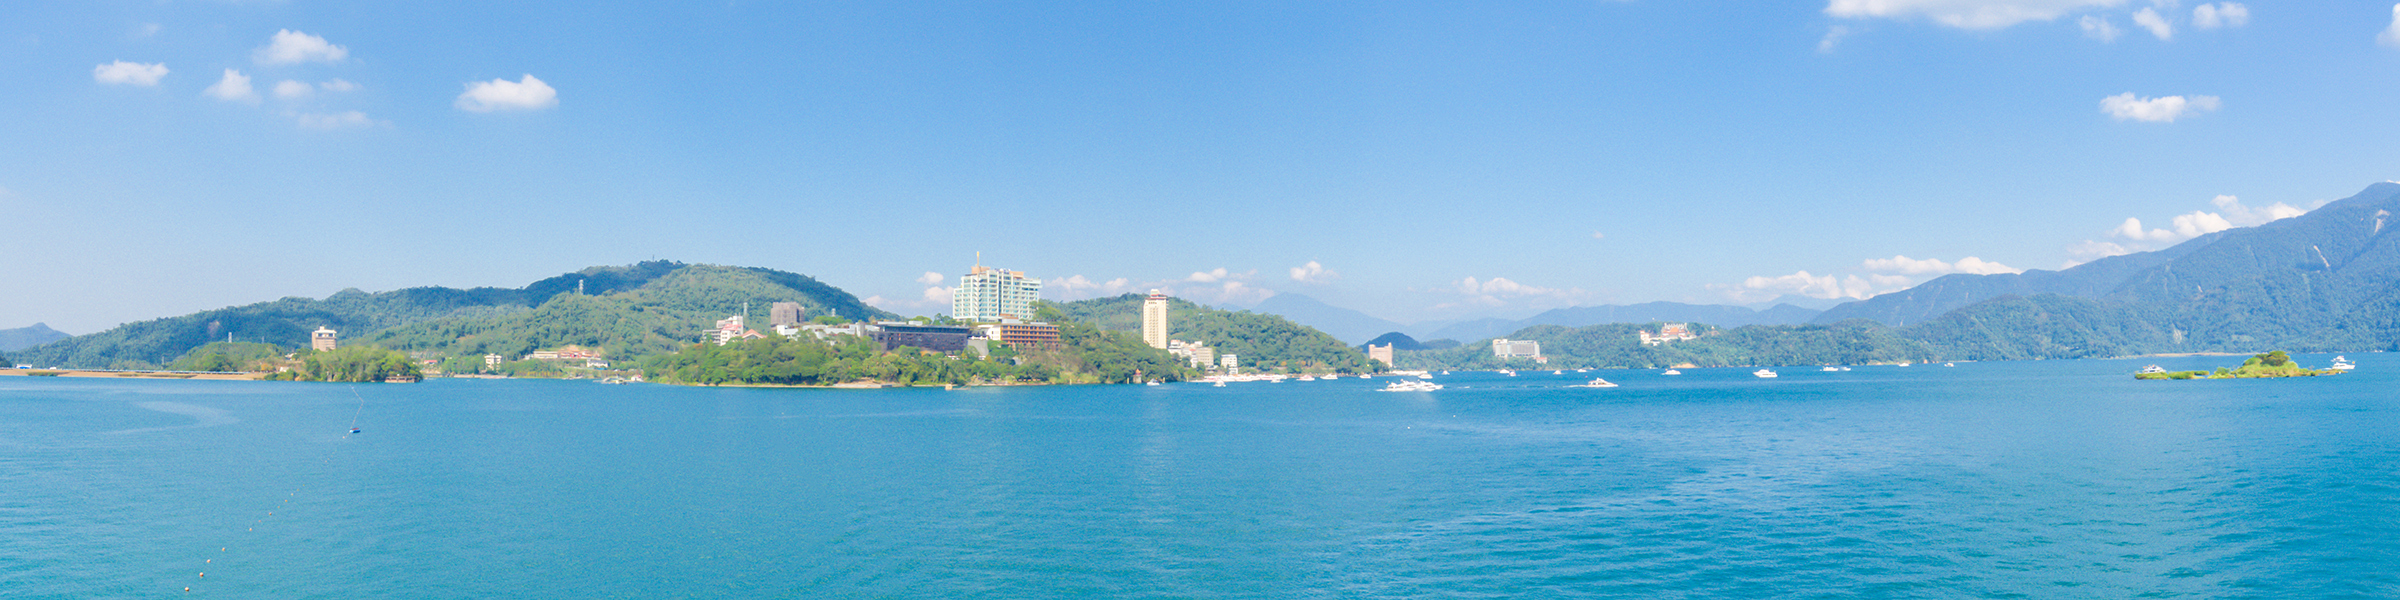 Taiwan (Republic of China) Sun Moon Lake